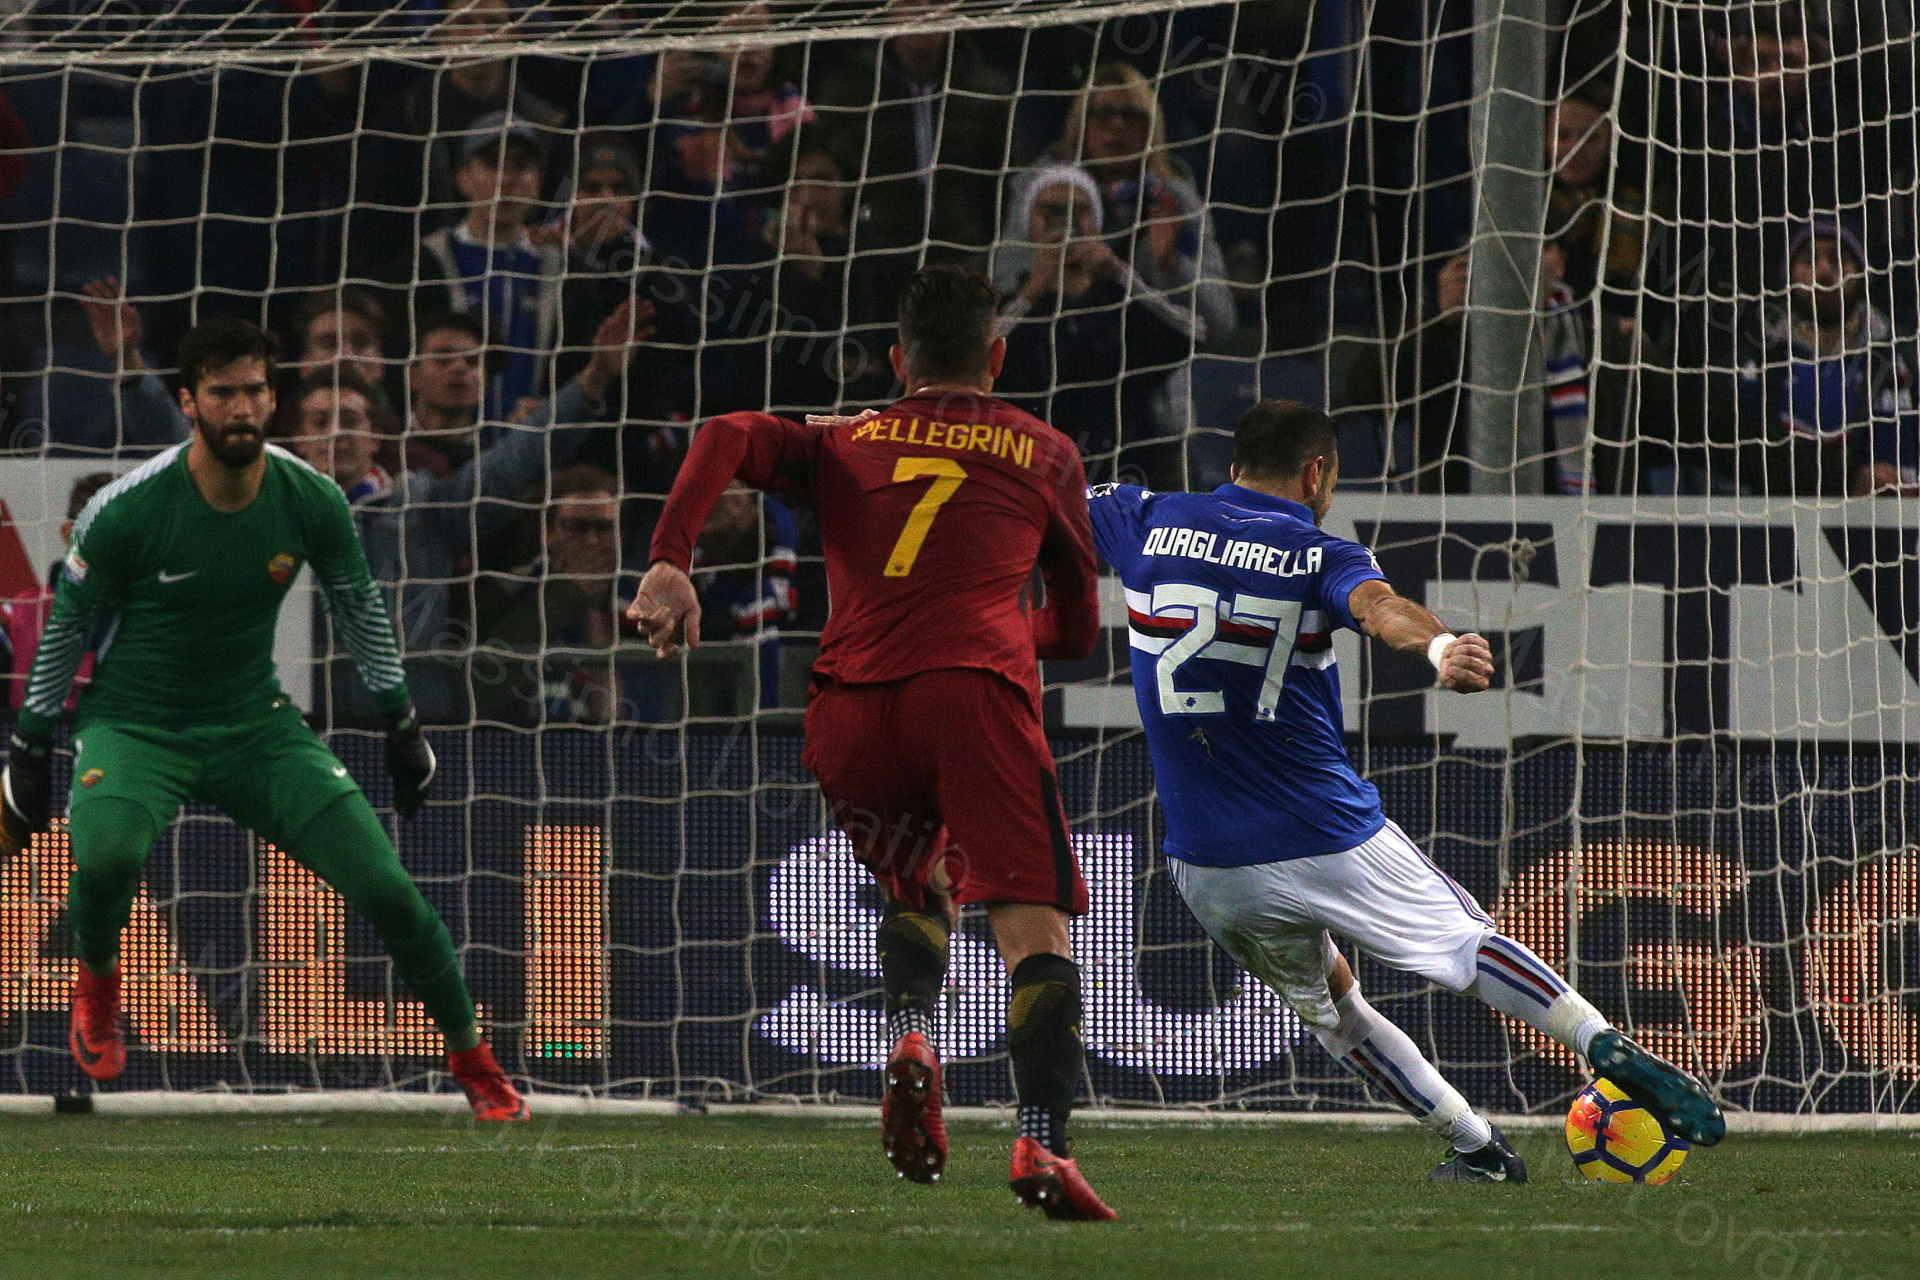 24/01/2018, Genova, Campionato di Calcio di Serie A, Sampdoria-Roma, nella foto Quagliarella goal su rigore